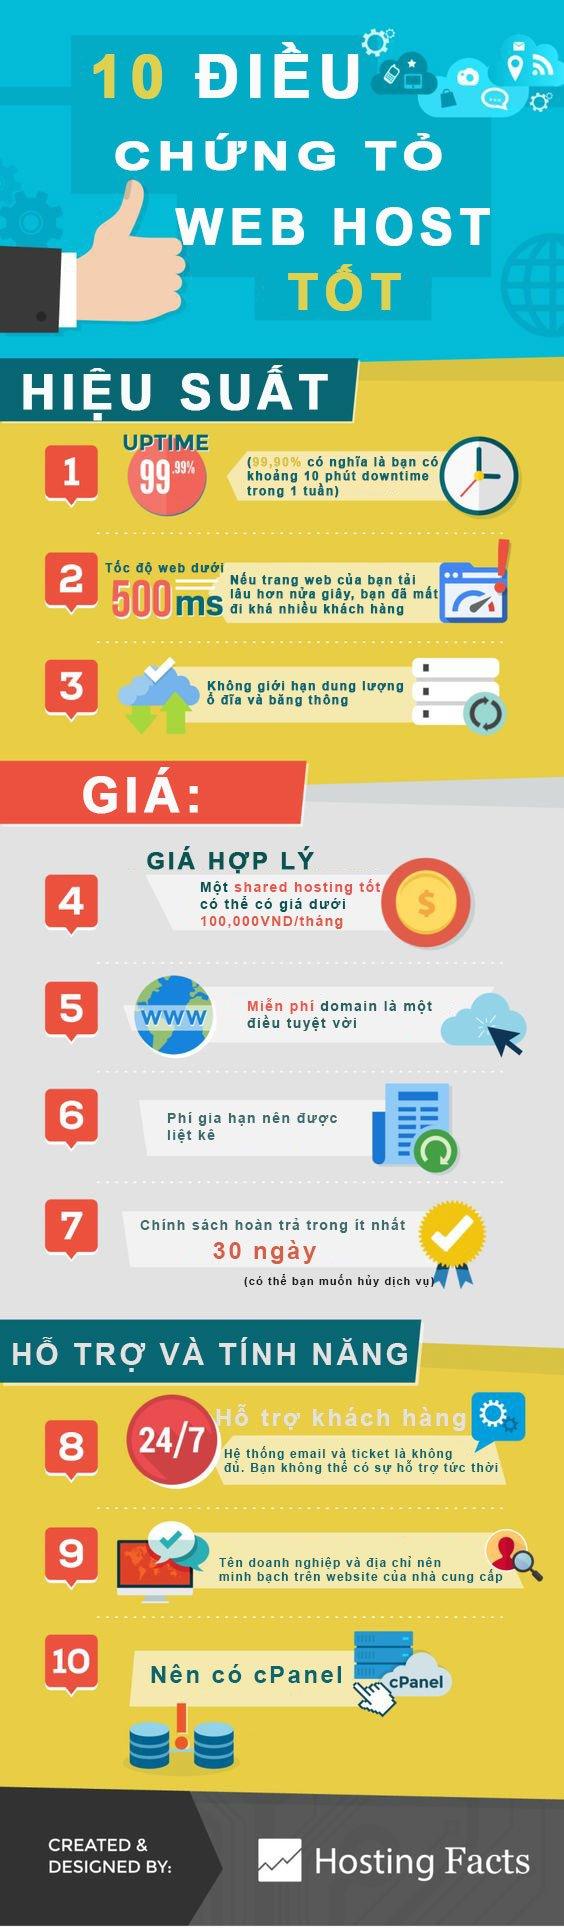 10 Điều chứng tỏ Web Host tốt